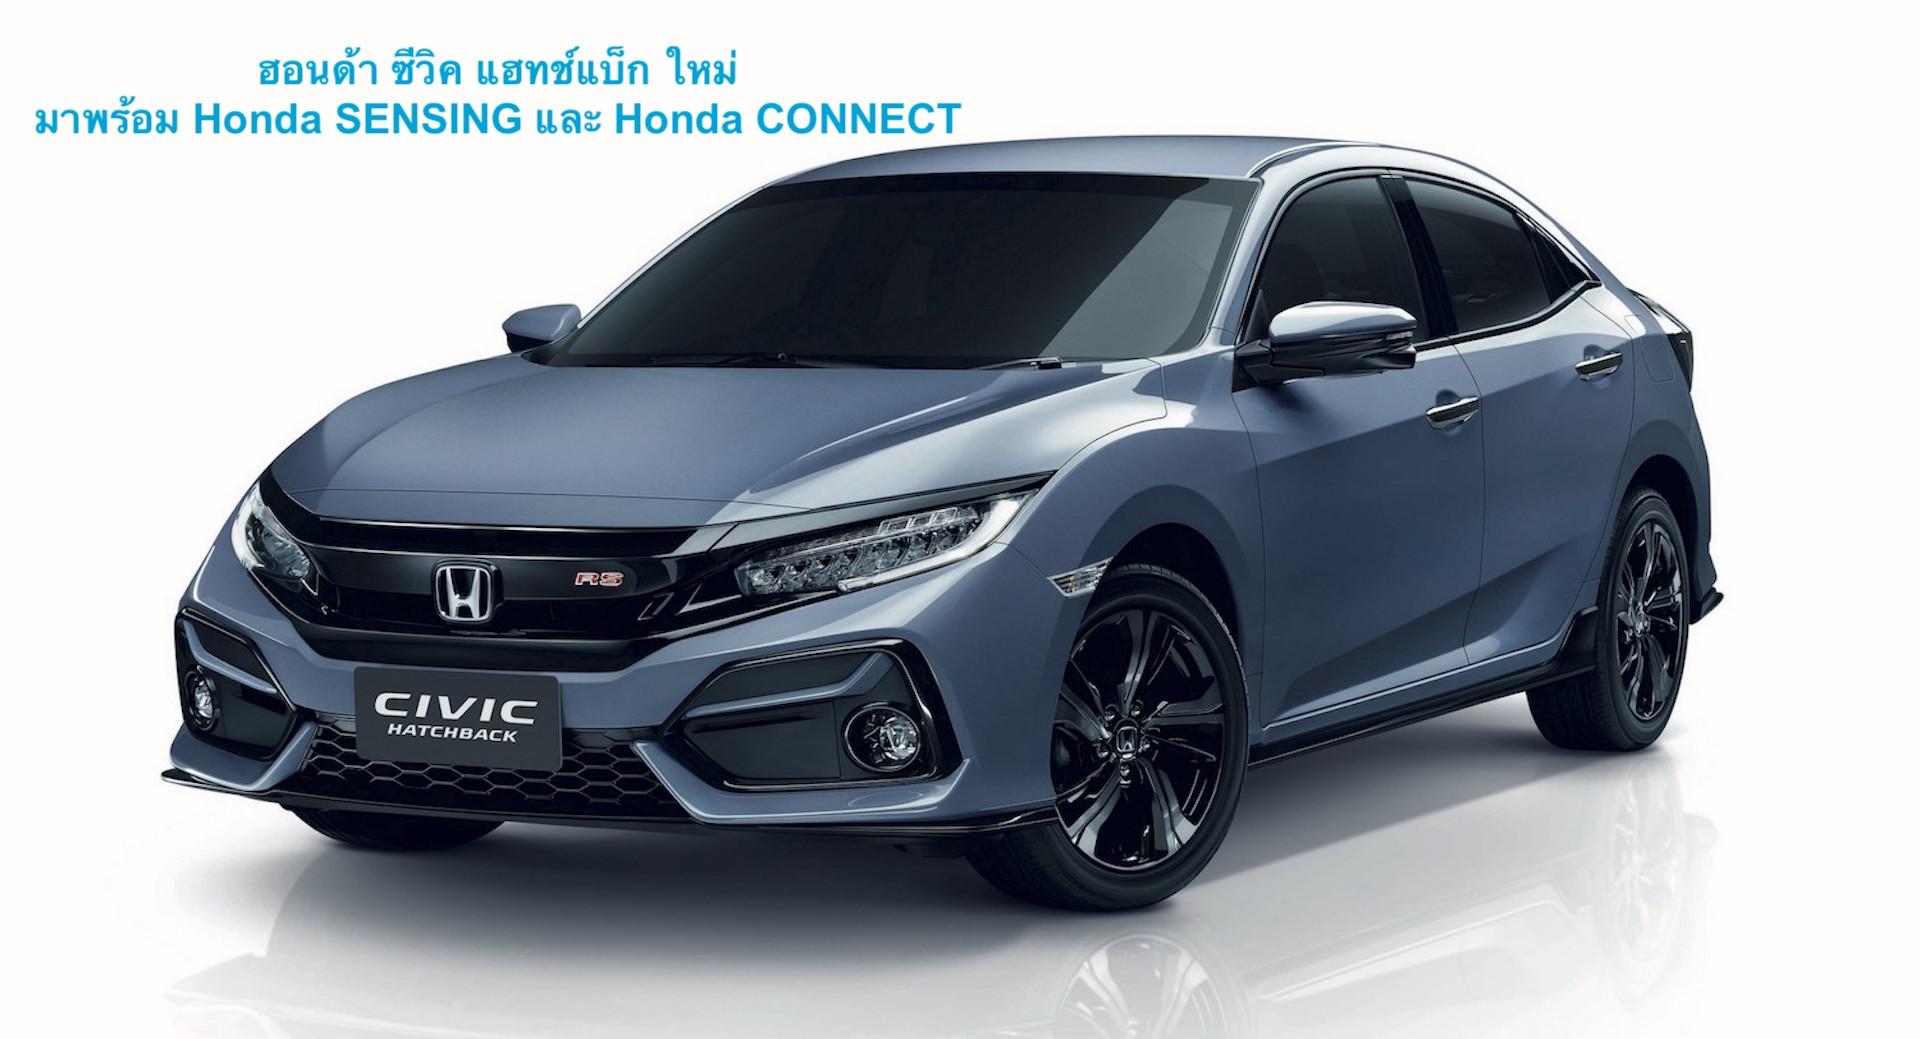 ฮอนด้า ซีวิค แฮทช์แบ็ก ใหม่ สปิริตความสปอร์ต มาพร้อมเทคโนโลยีความปลอดภัยอัจฉริยะ Honda SENSING และ นวัตกรรมเชื่อมต่อ ฮอนด้า คอนเนค (Honda CONNECT)